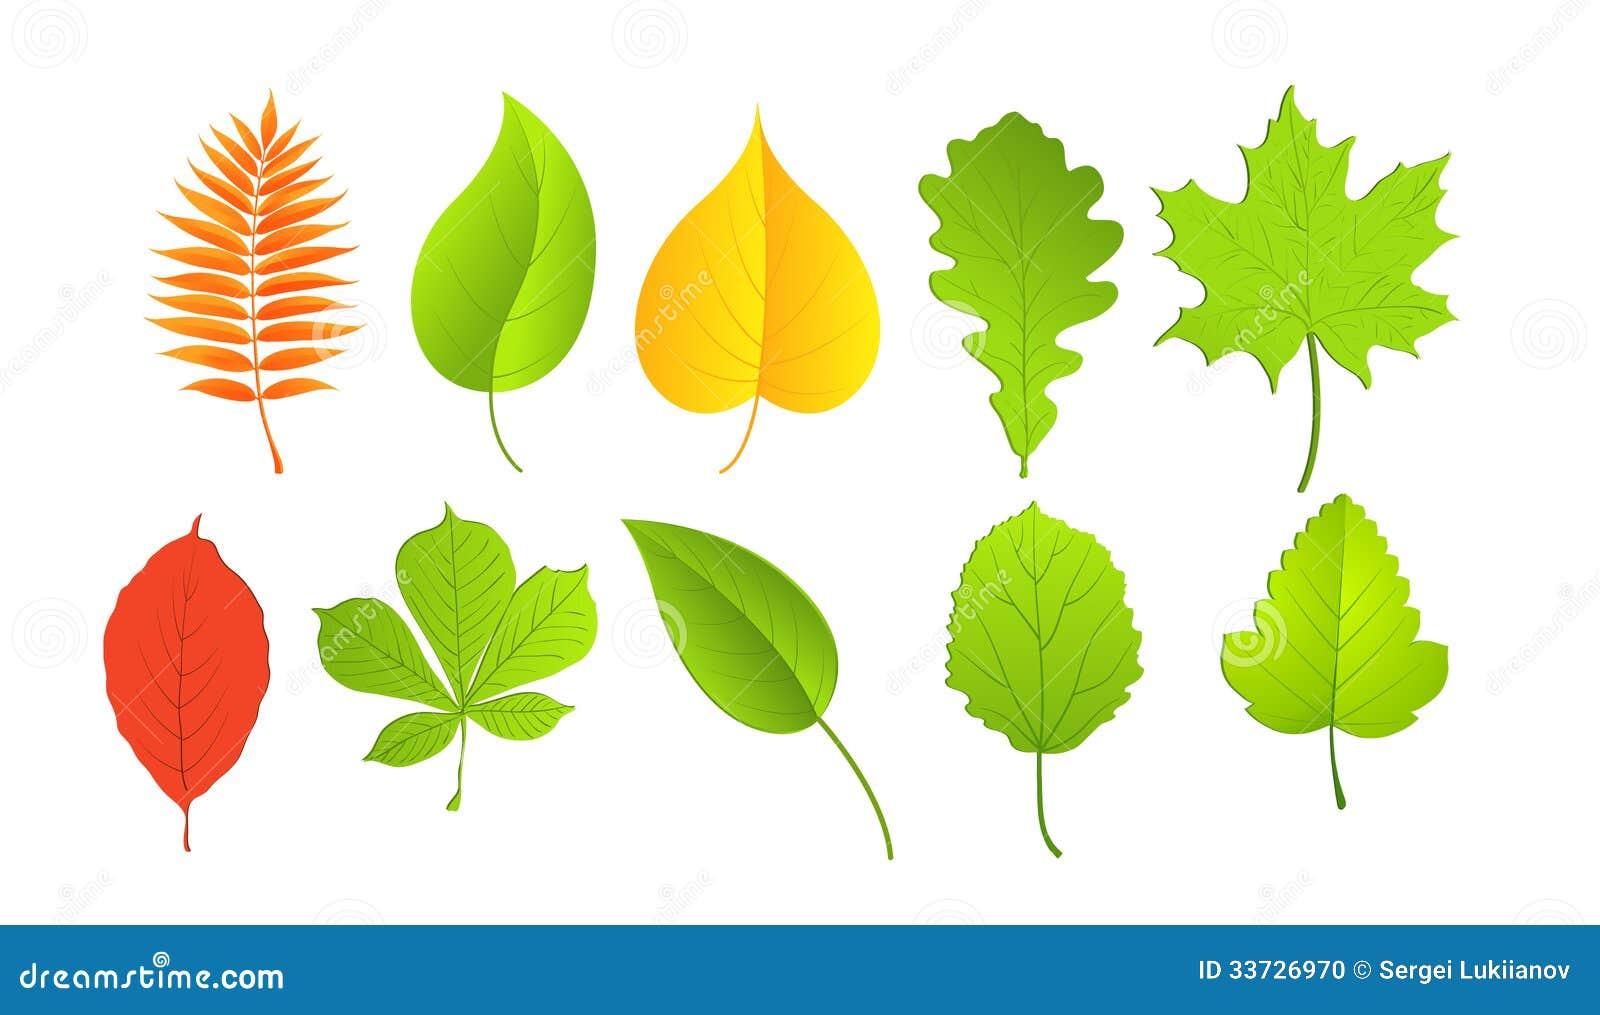 Листья в зеленых и желтых цветах